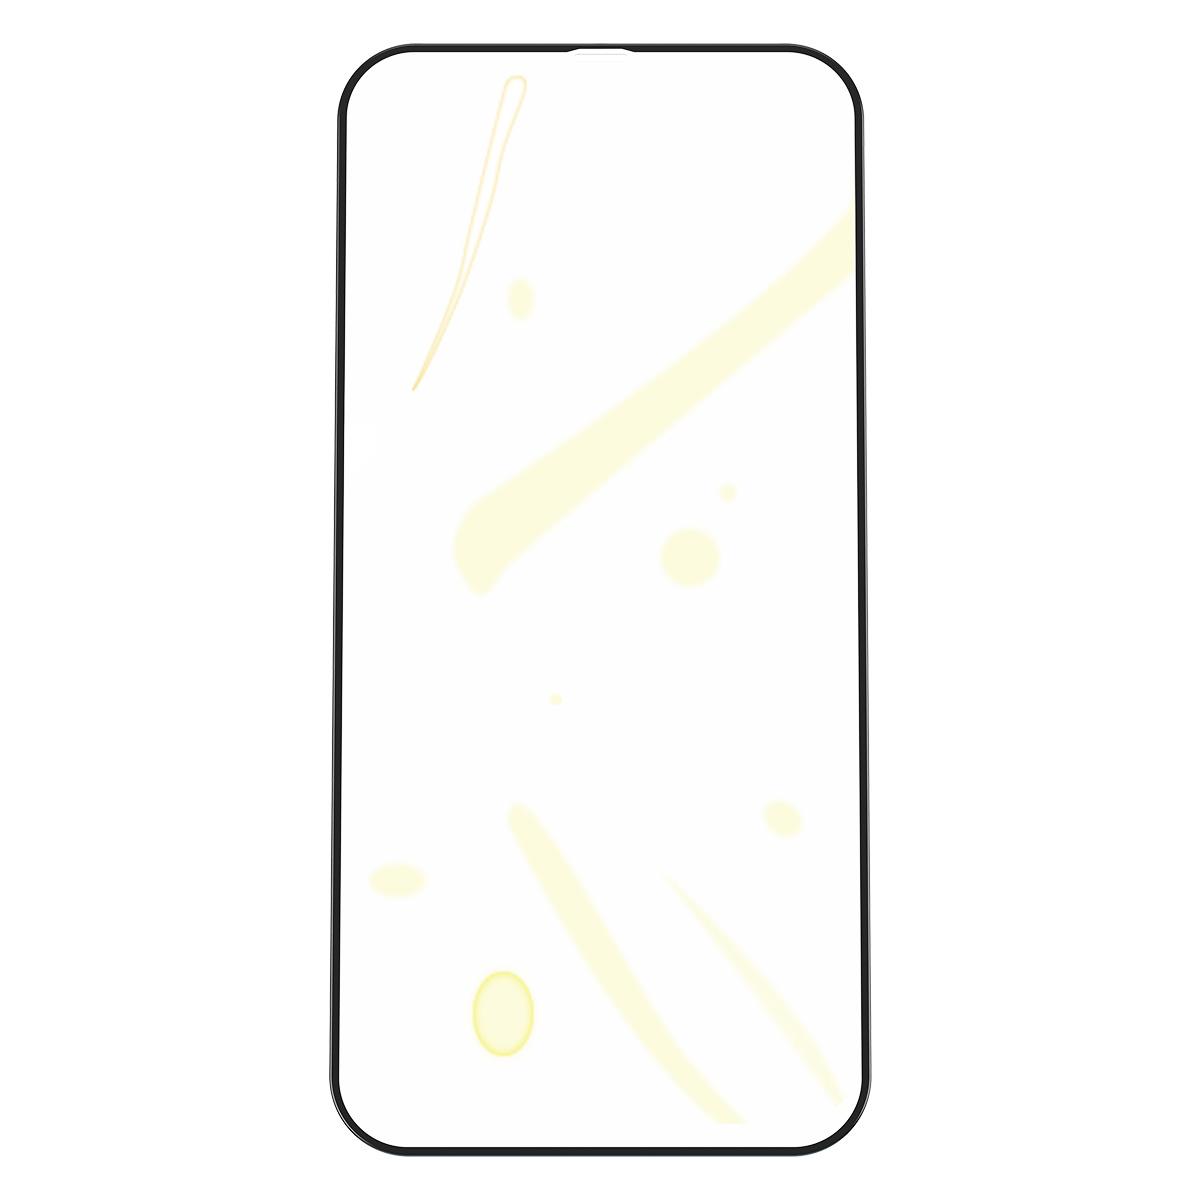 Baseus skärmskydd i härdat glas till iPhone 12 Mini, 2-pack